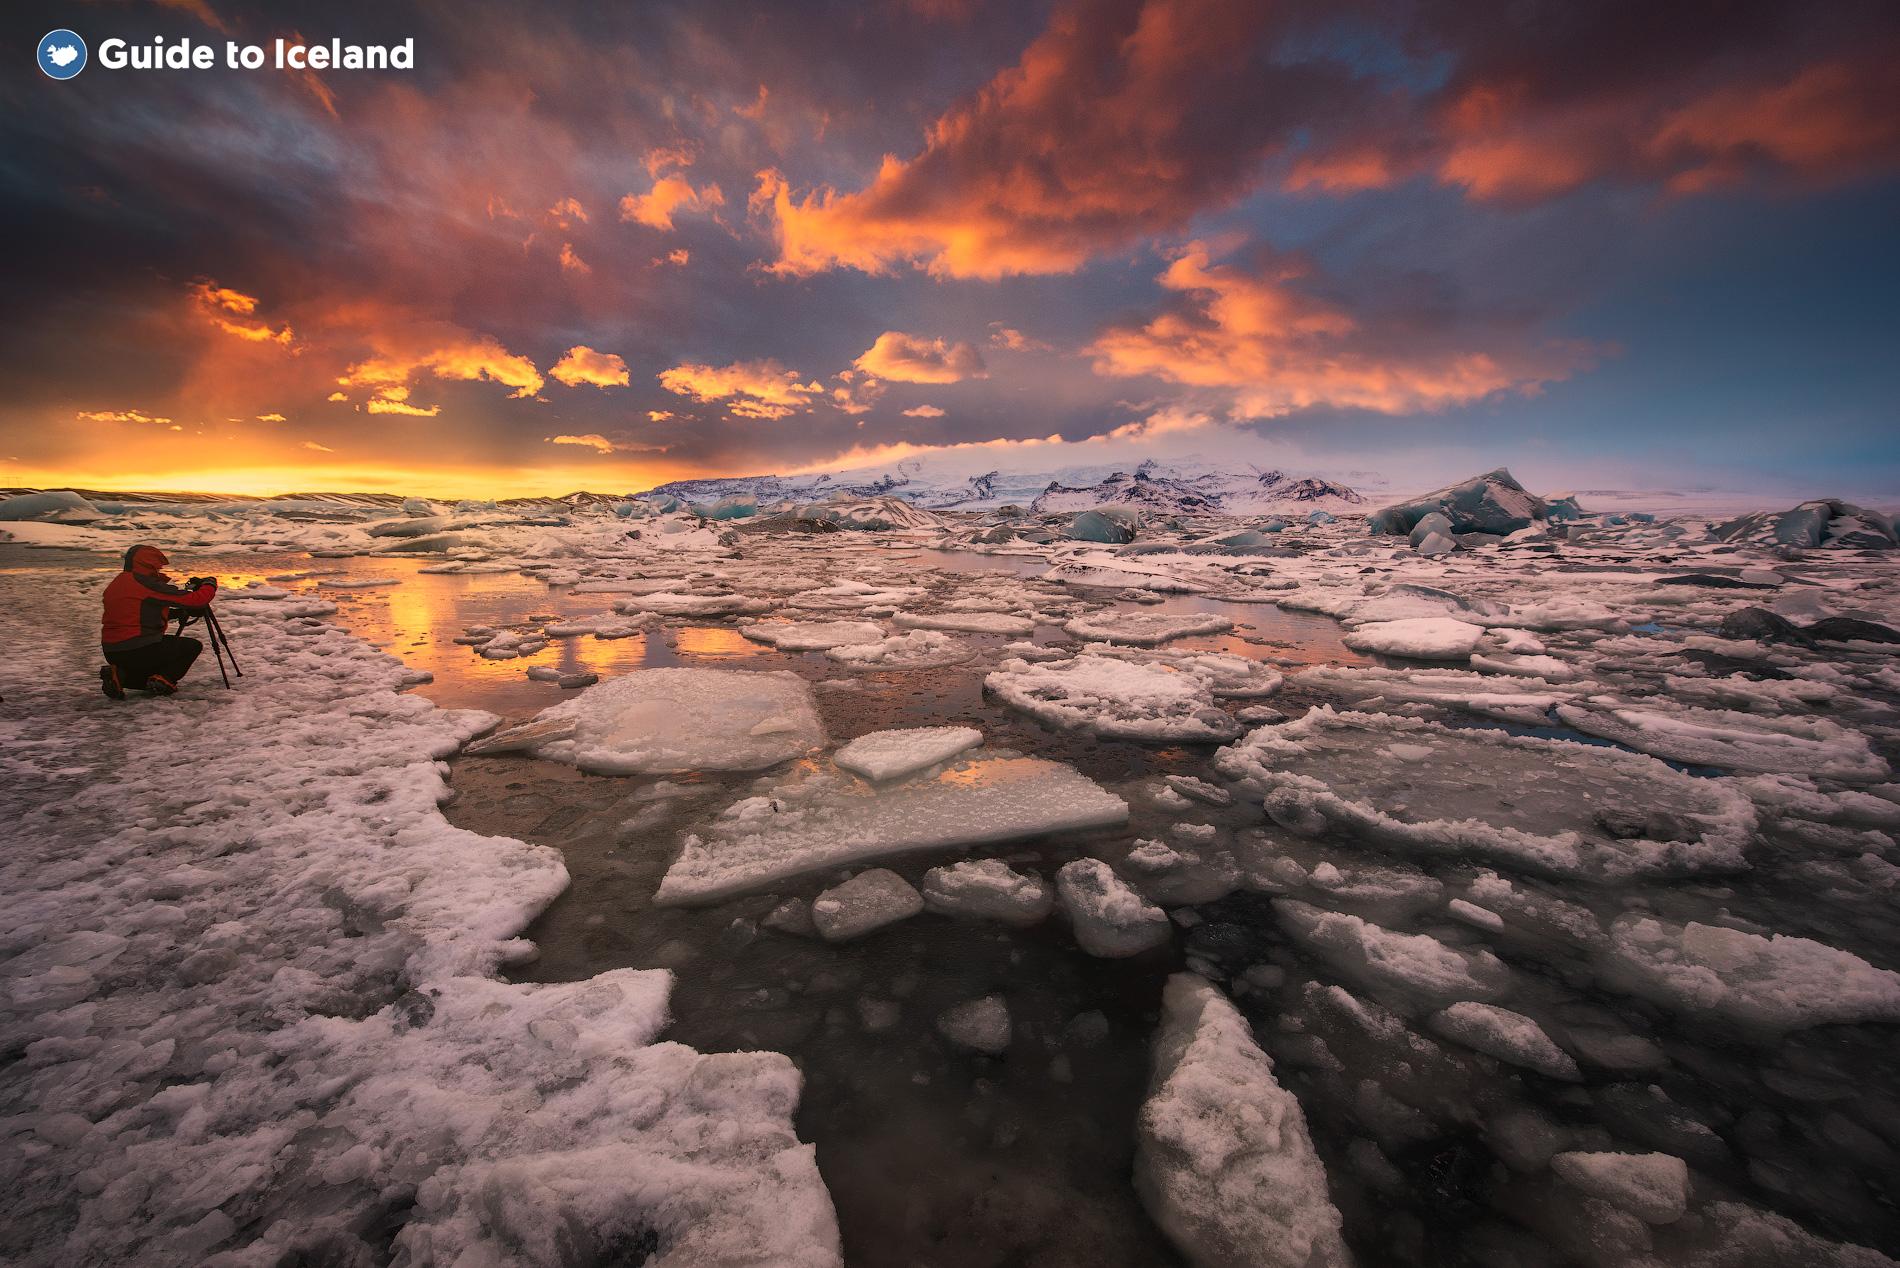 Живописные горы Вестрахорн на юго-востоке Исландии.